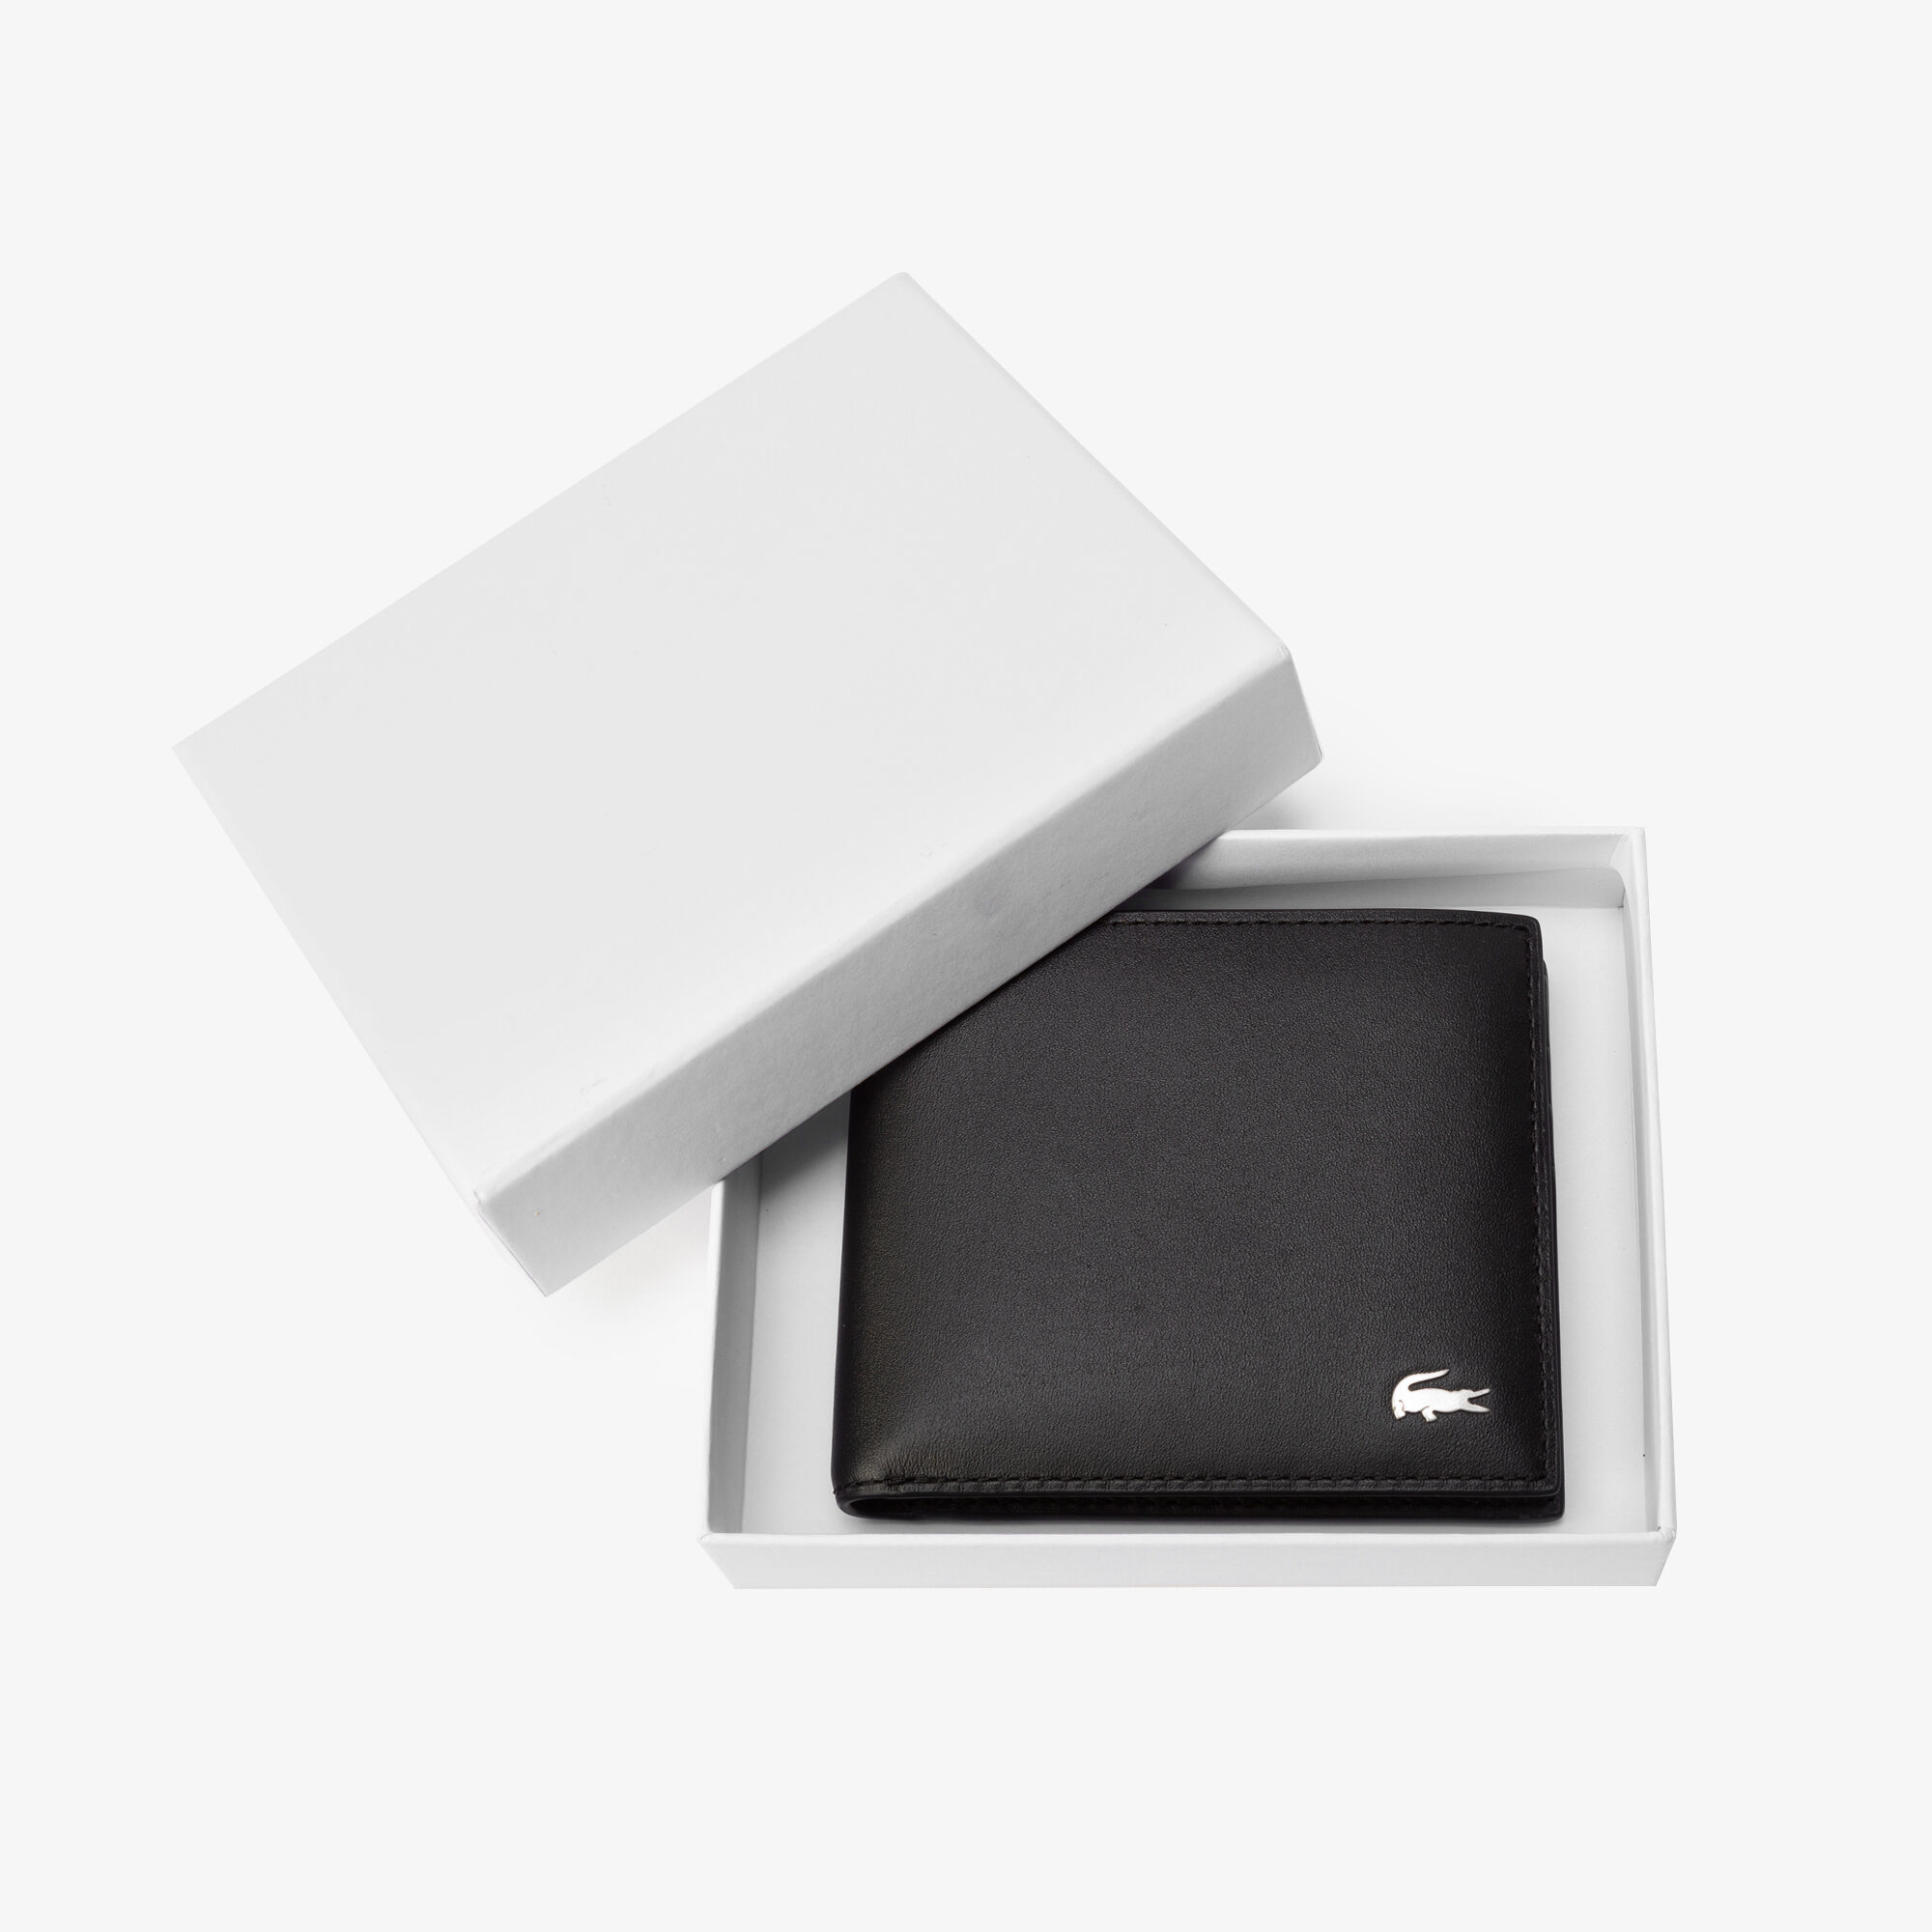 محفظة جلد للرجال ذو تسع فتحات للبطاقات من مجموعة Fitzgerald